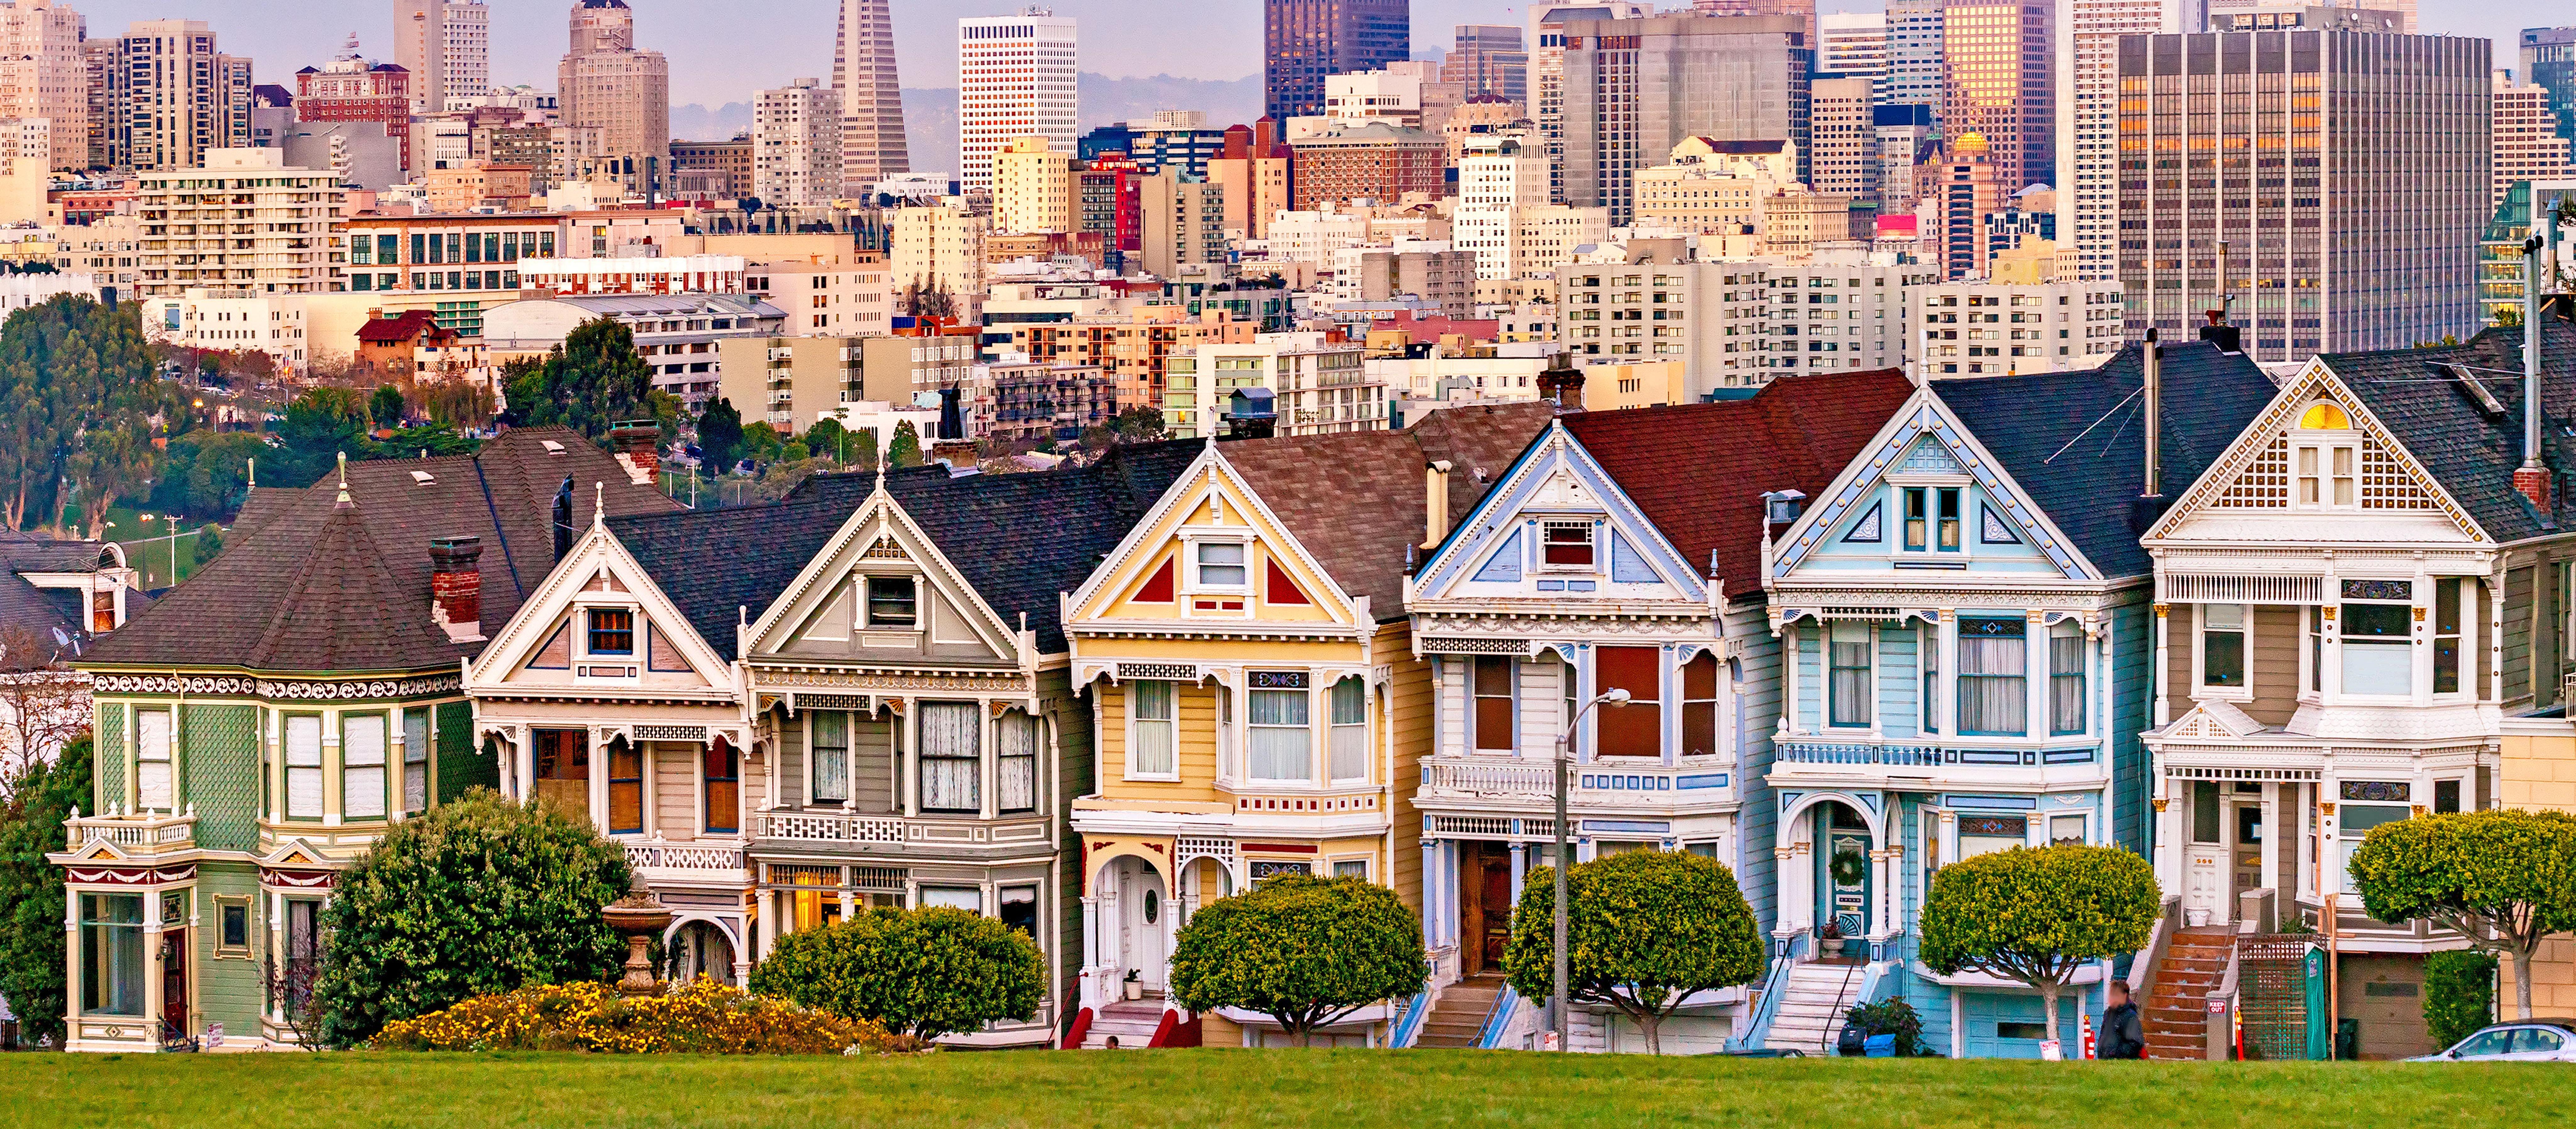 Painted Ladies: farbenprächtige viktorianische Holzhäuser in San Francisco